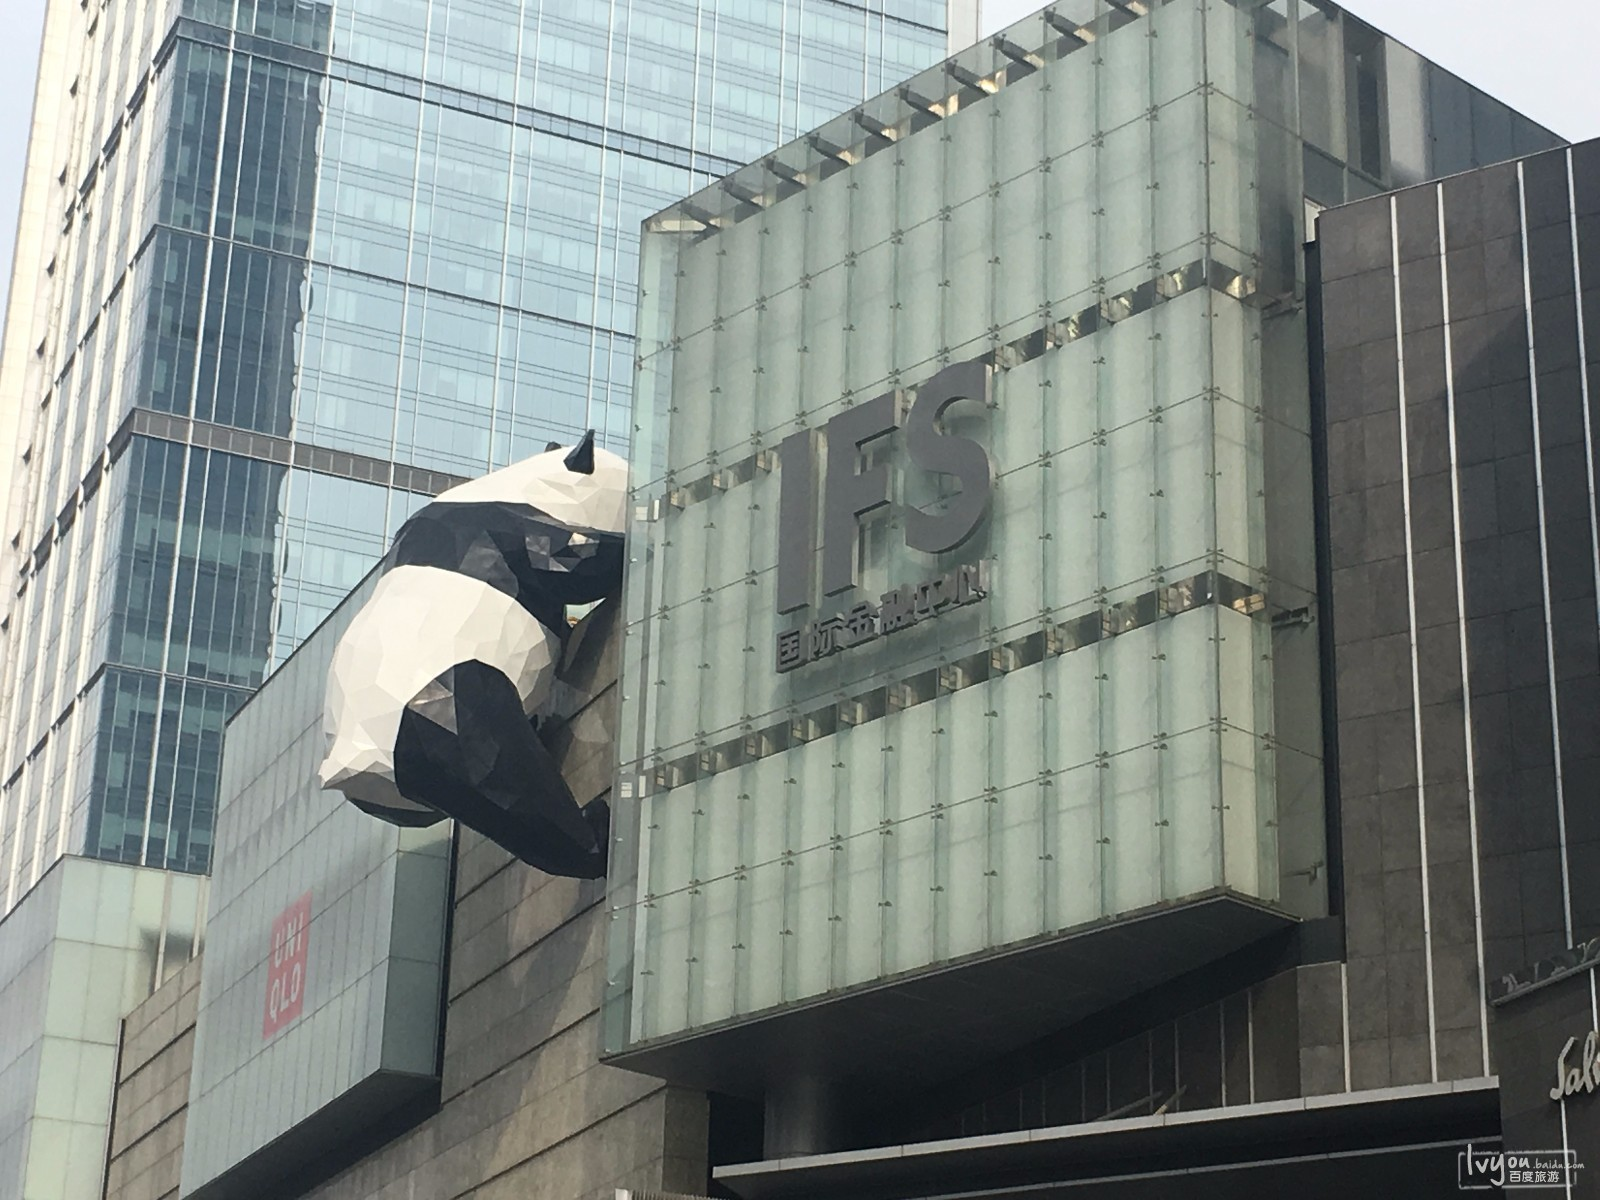 ifs的大熊猫~~~优雅的屁屁